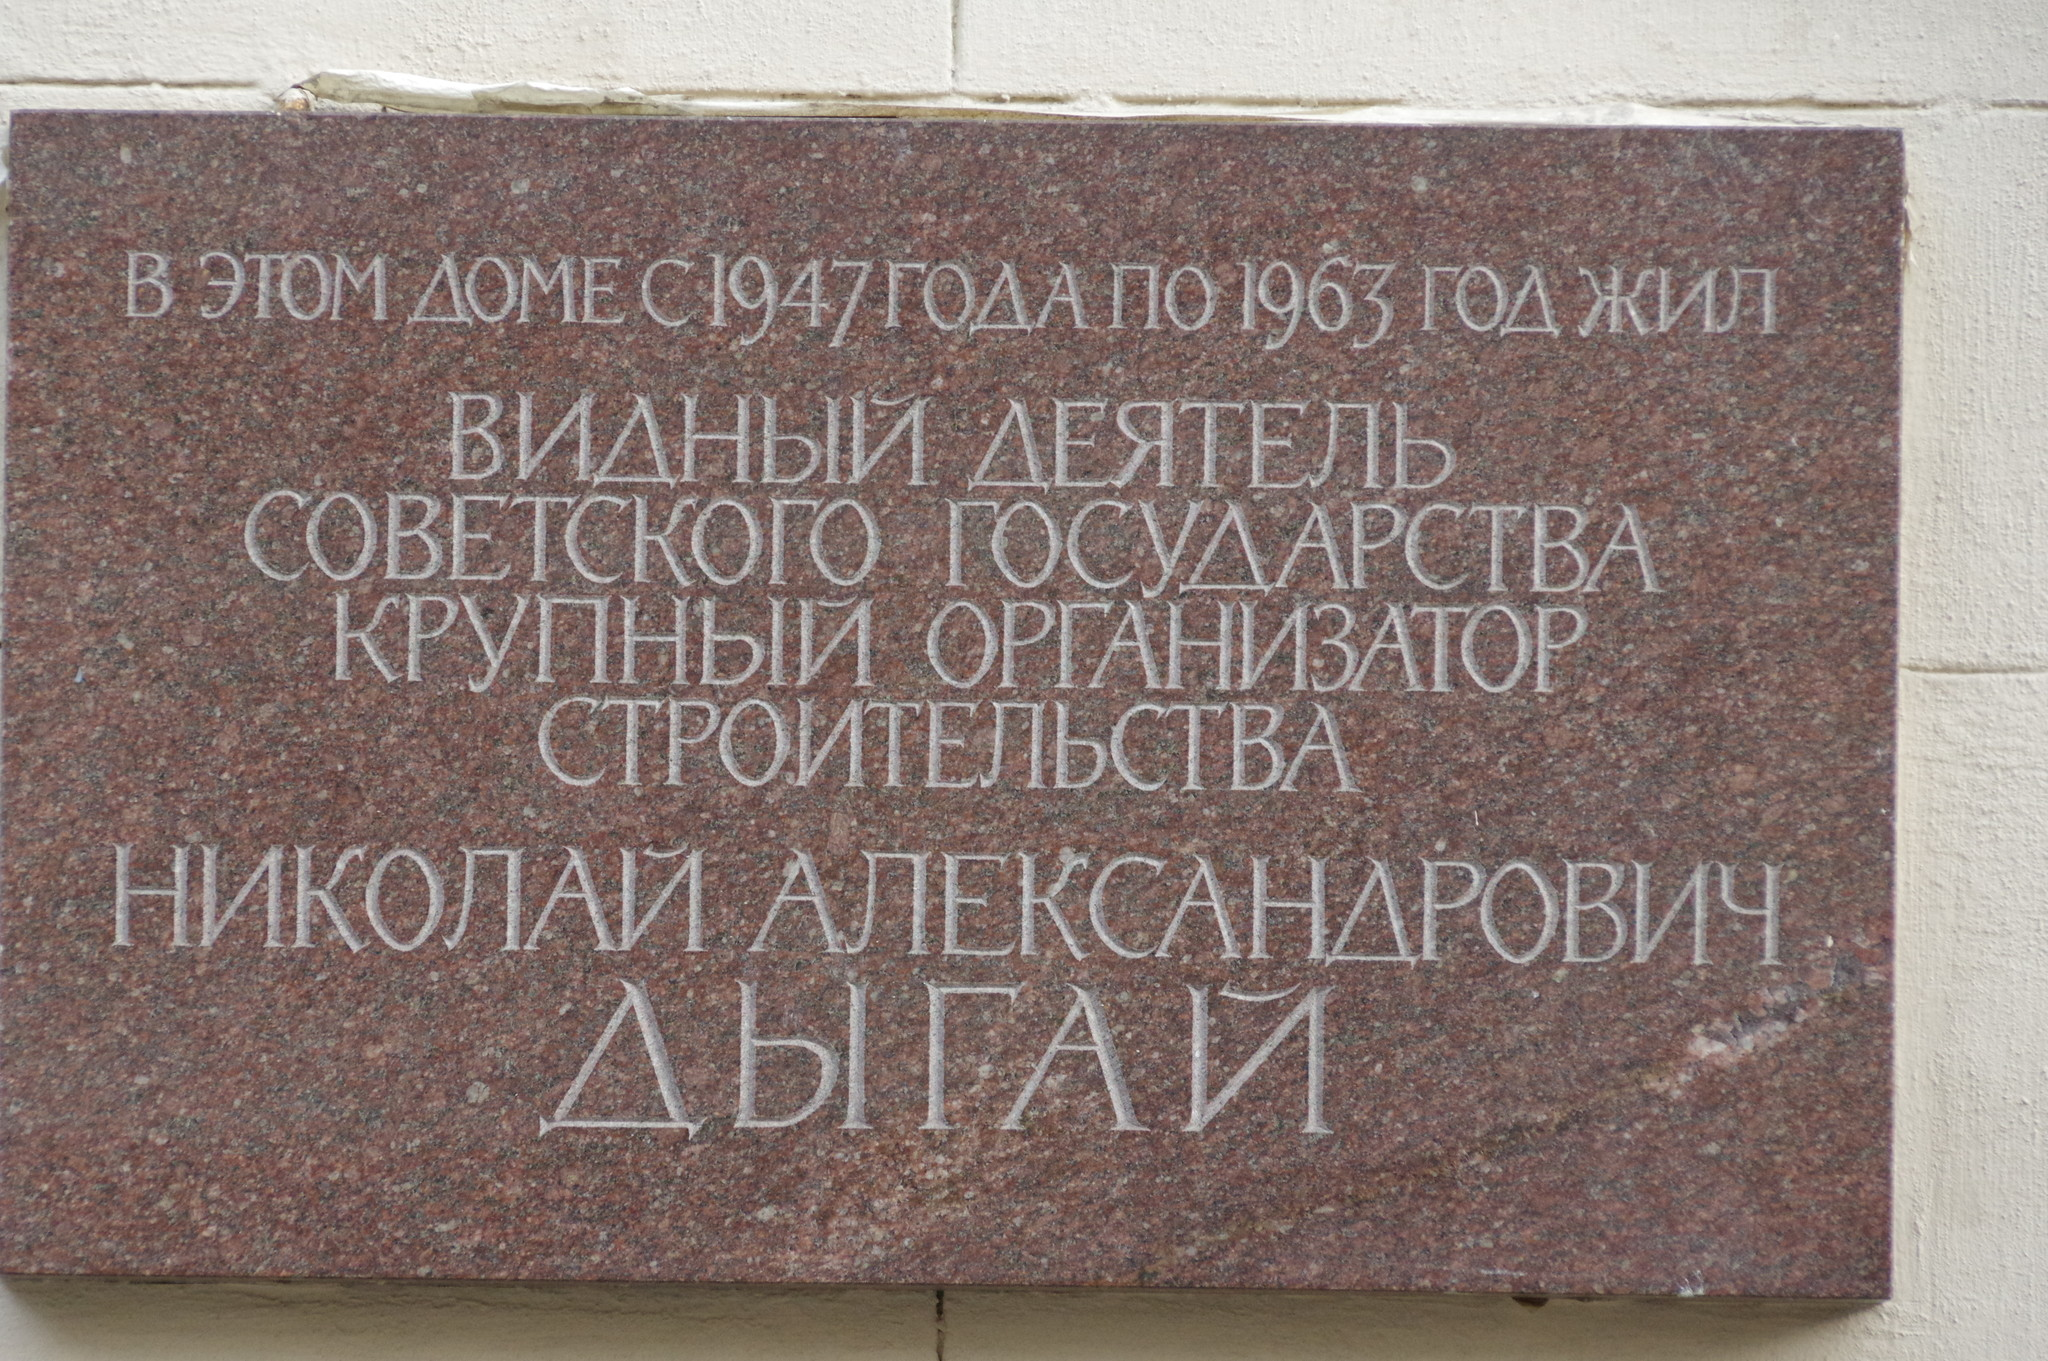 Мемориальная доска на фасаде кооперативного жилого дома архитекторов и строителей (Большой Лёвшинский переулок, дом 9). В этом доме с 1947 года по 1963 год жил Николай Александрович Дыгай